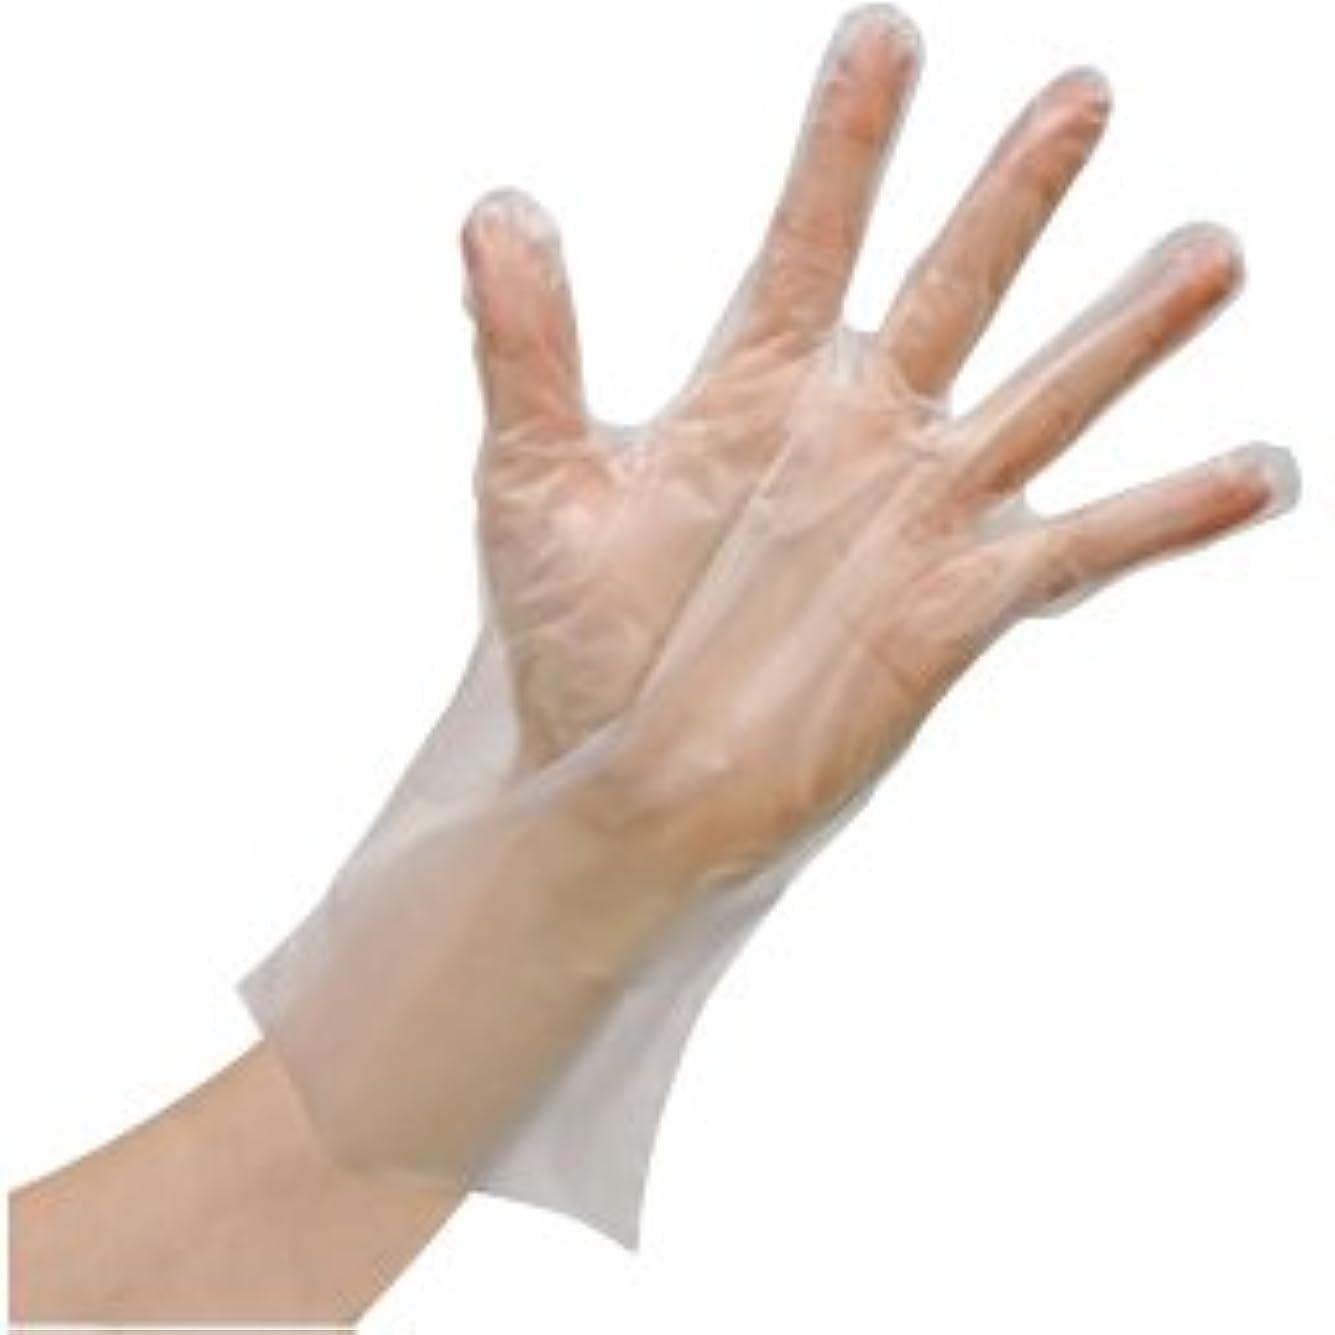 使いきりLDポリエチレン手袋(箱) FR-5812(M)100???? ?????LD????????(??)(24-6743-01)【ファーストレイト】[60箱単位]